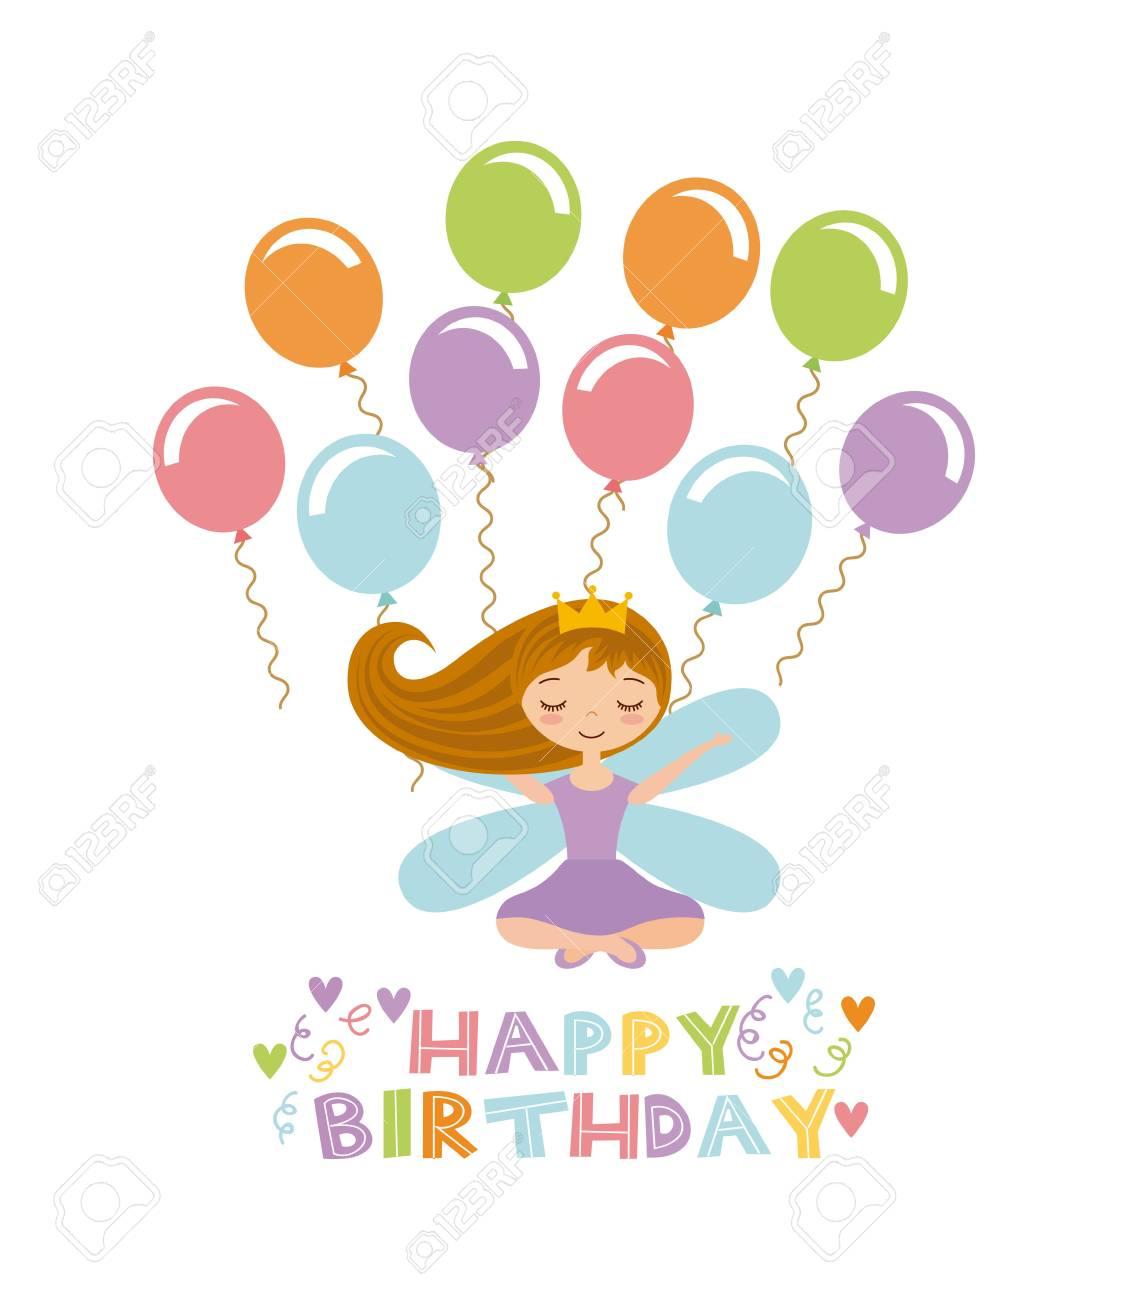 carte joyeux anniversaire fille Carte De Joyeux Anniversaire Avec Icône Fille Et Ballons Mignonne